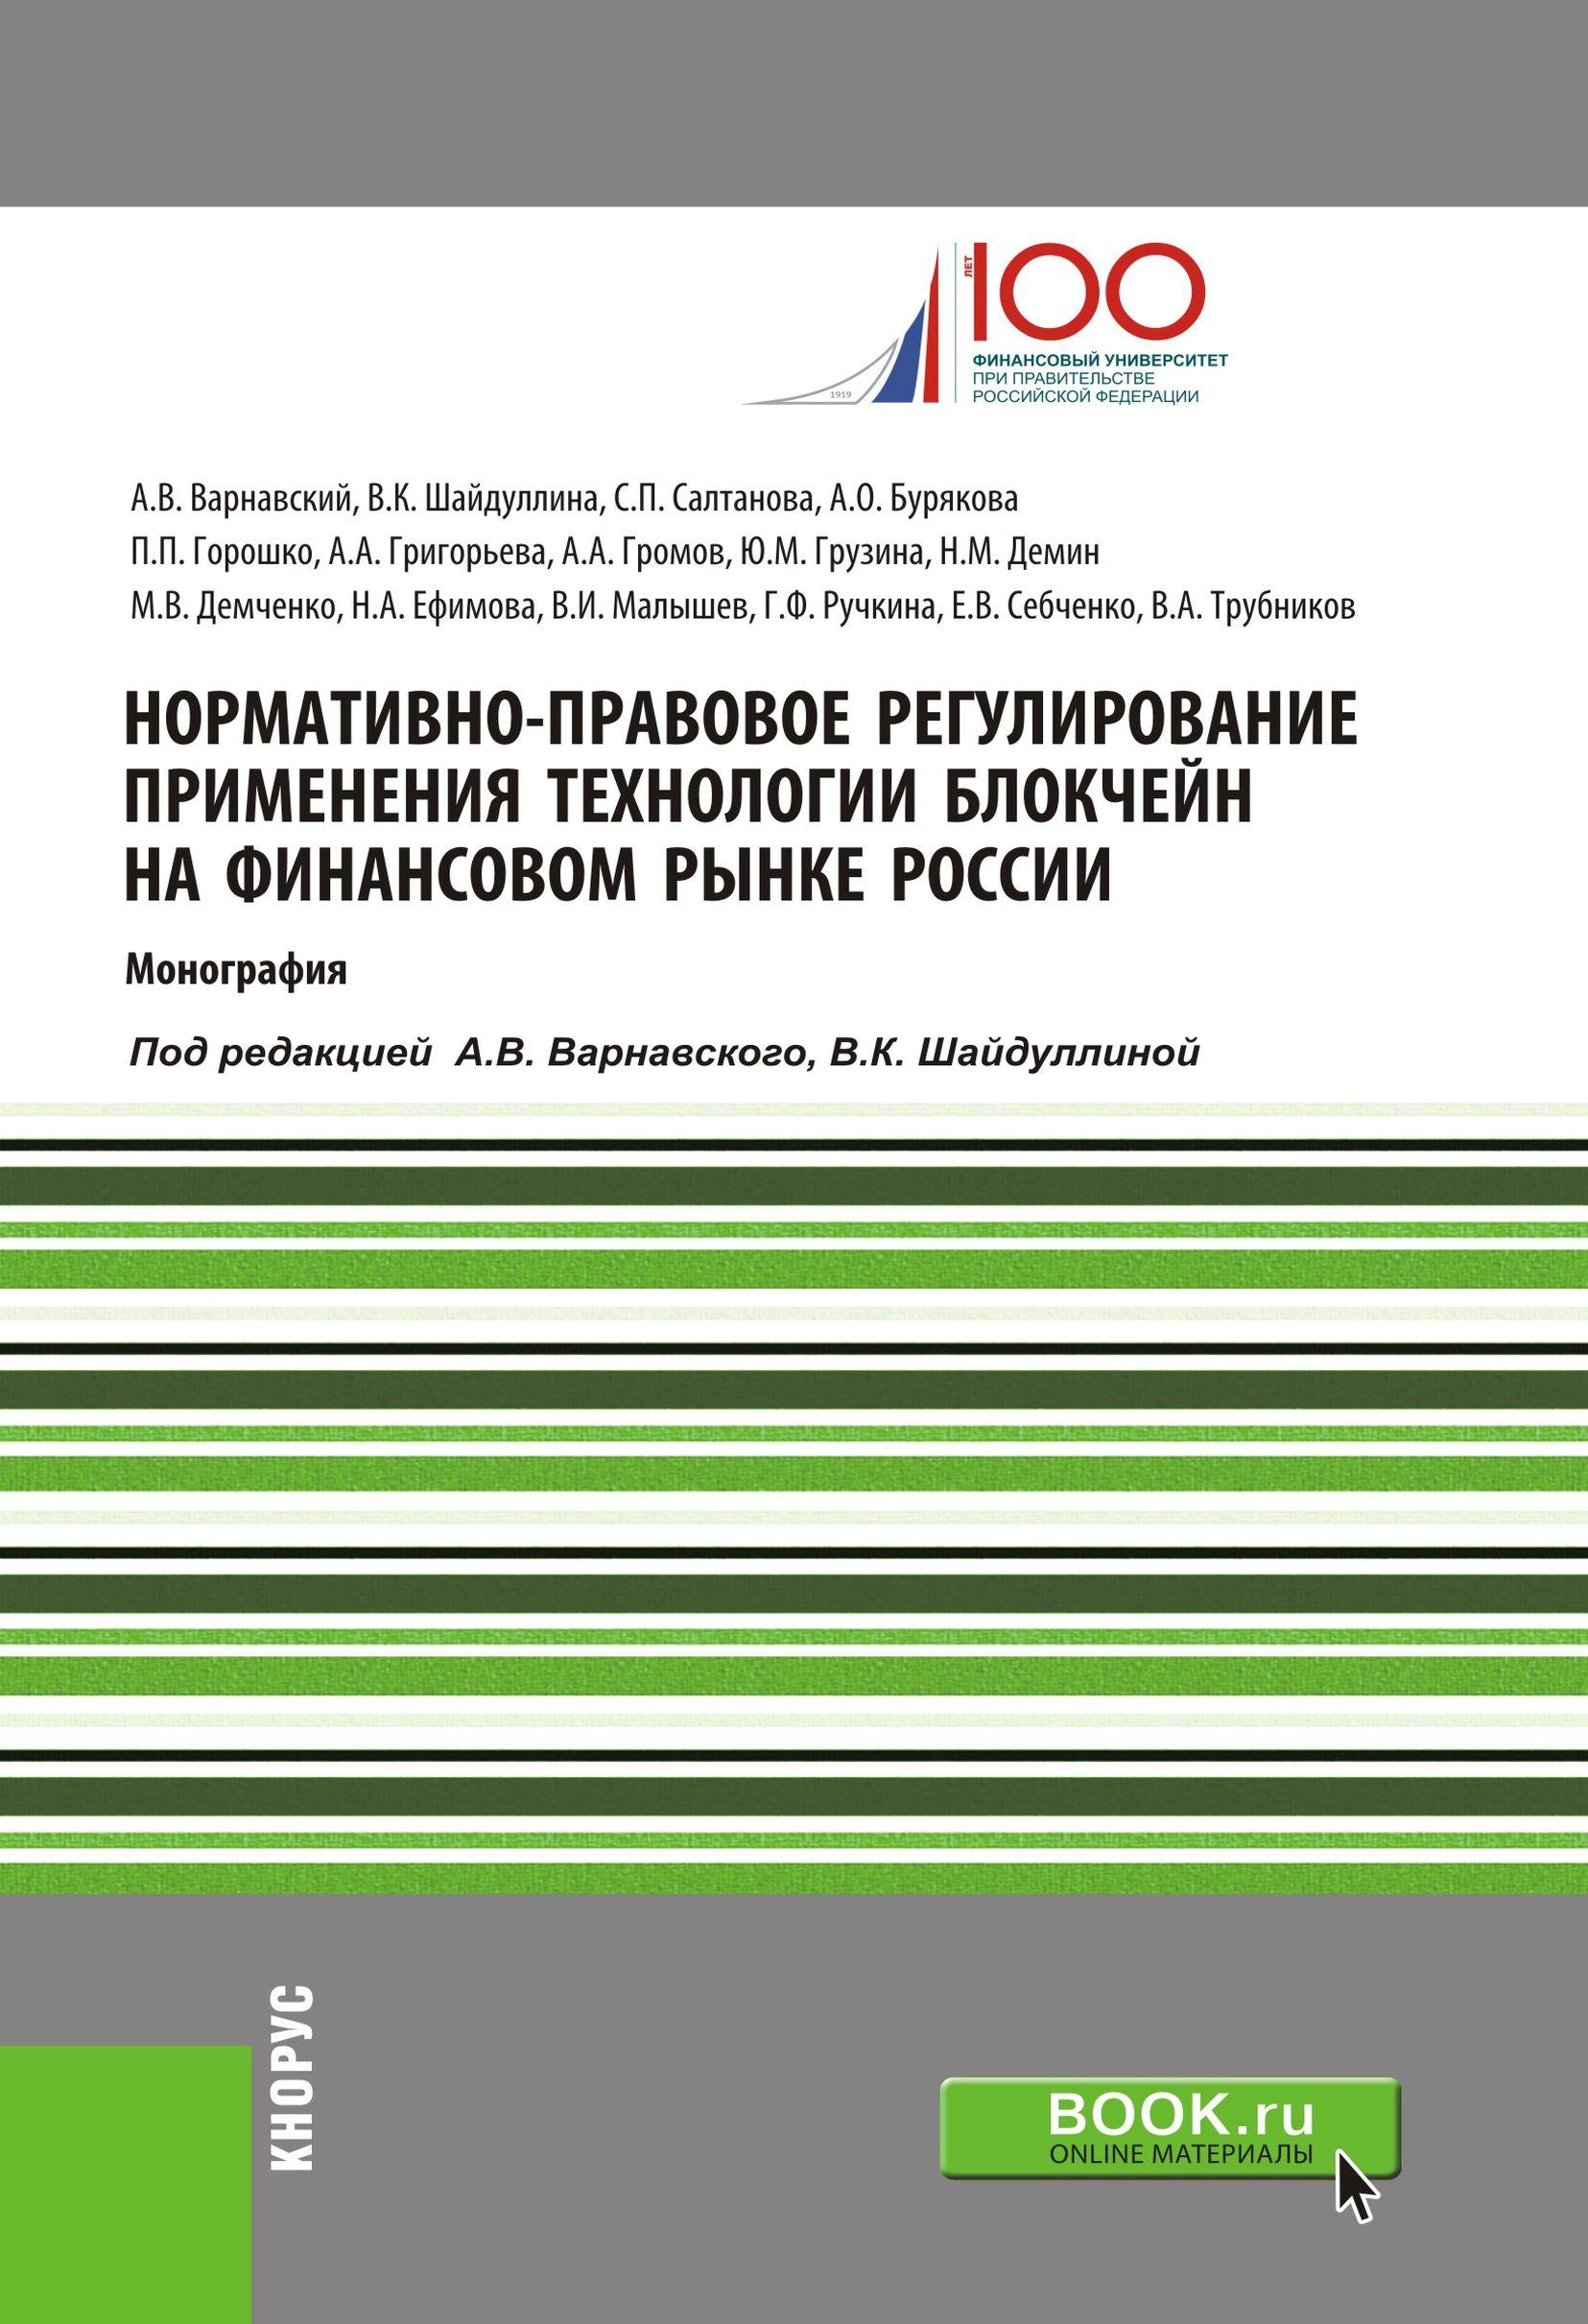 Нормативно-правовое регулирование применения технологии блокчейн на финансовом рынке России